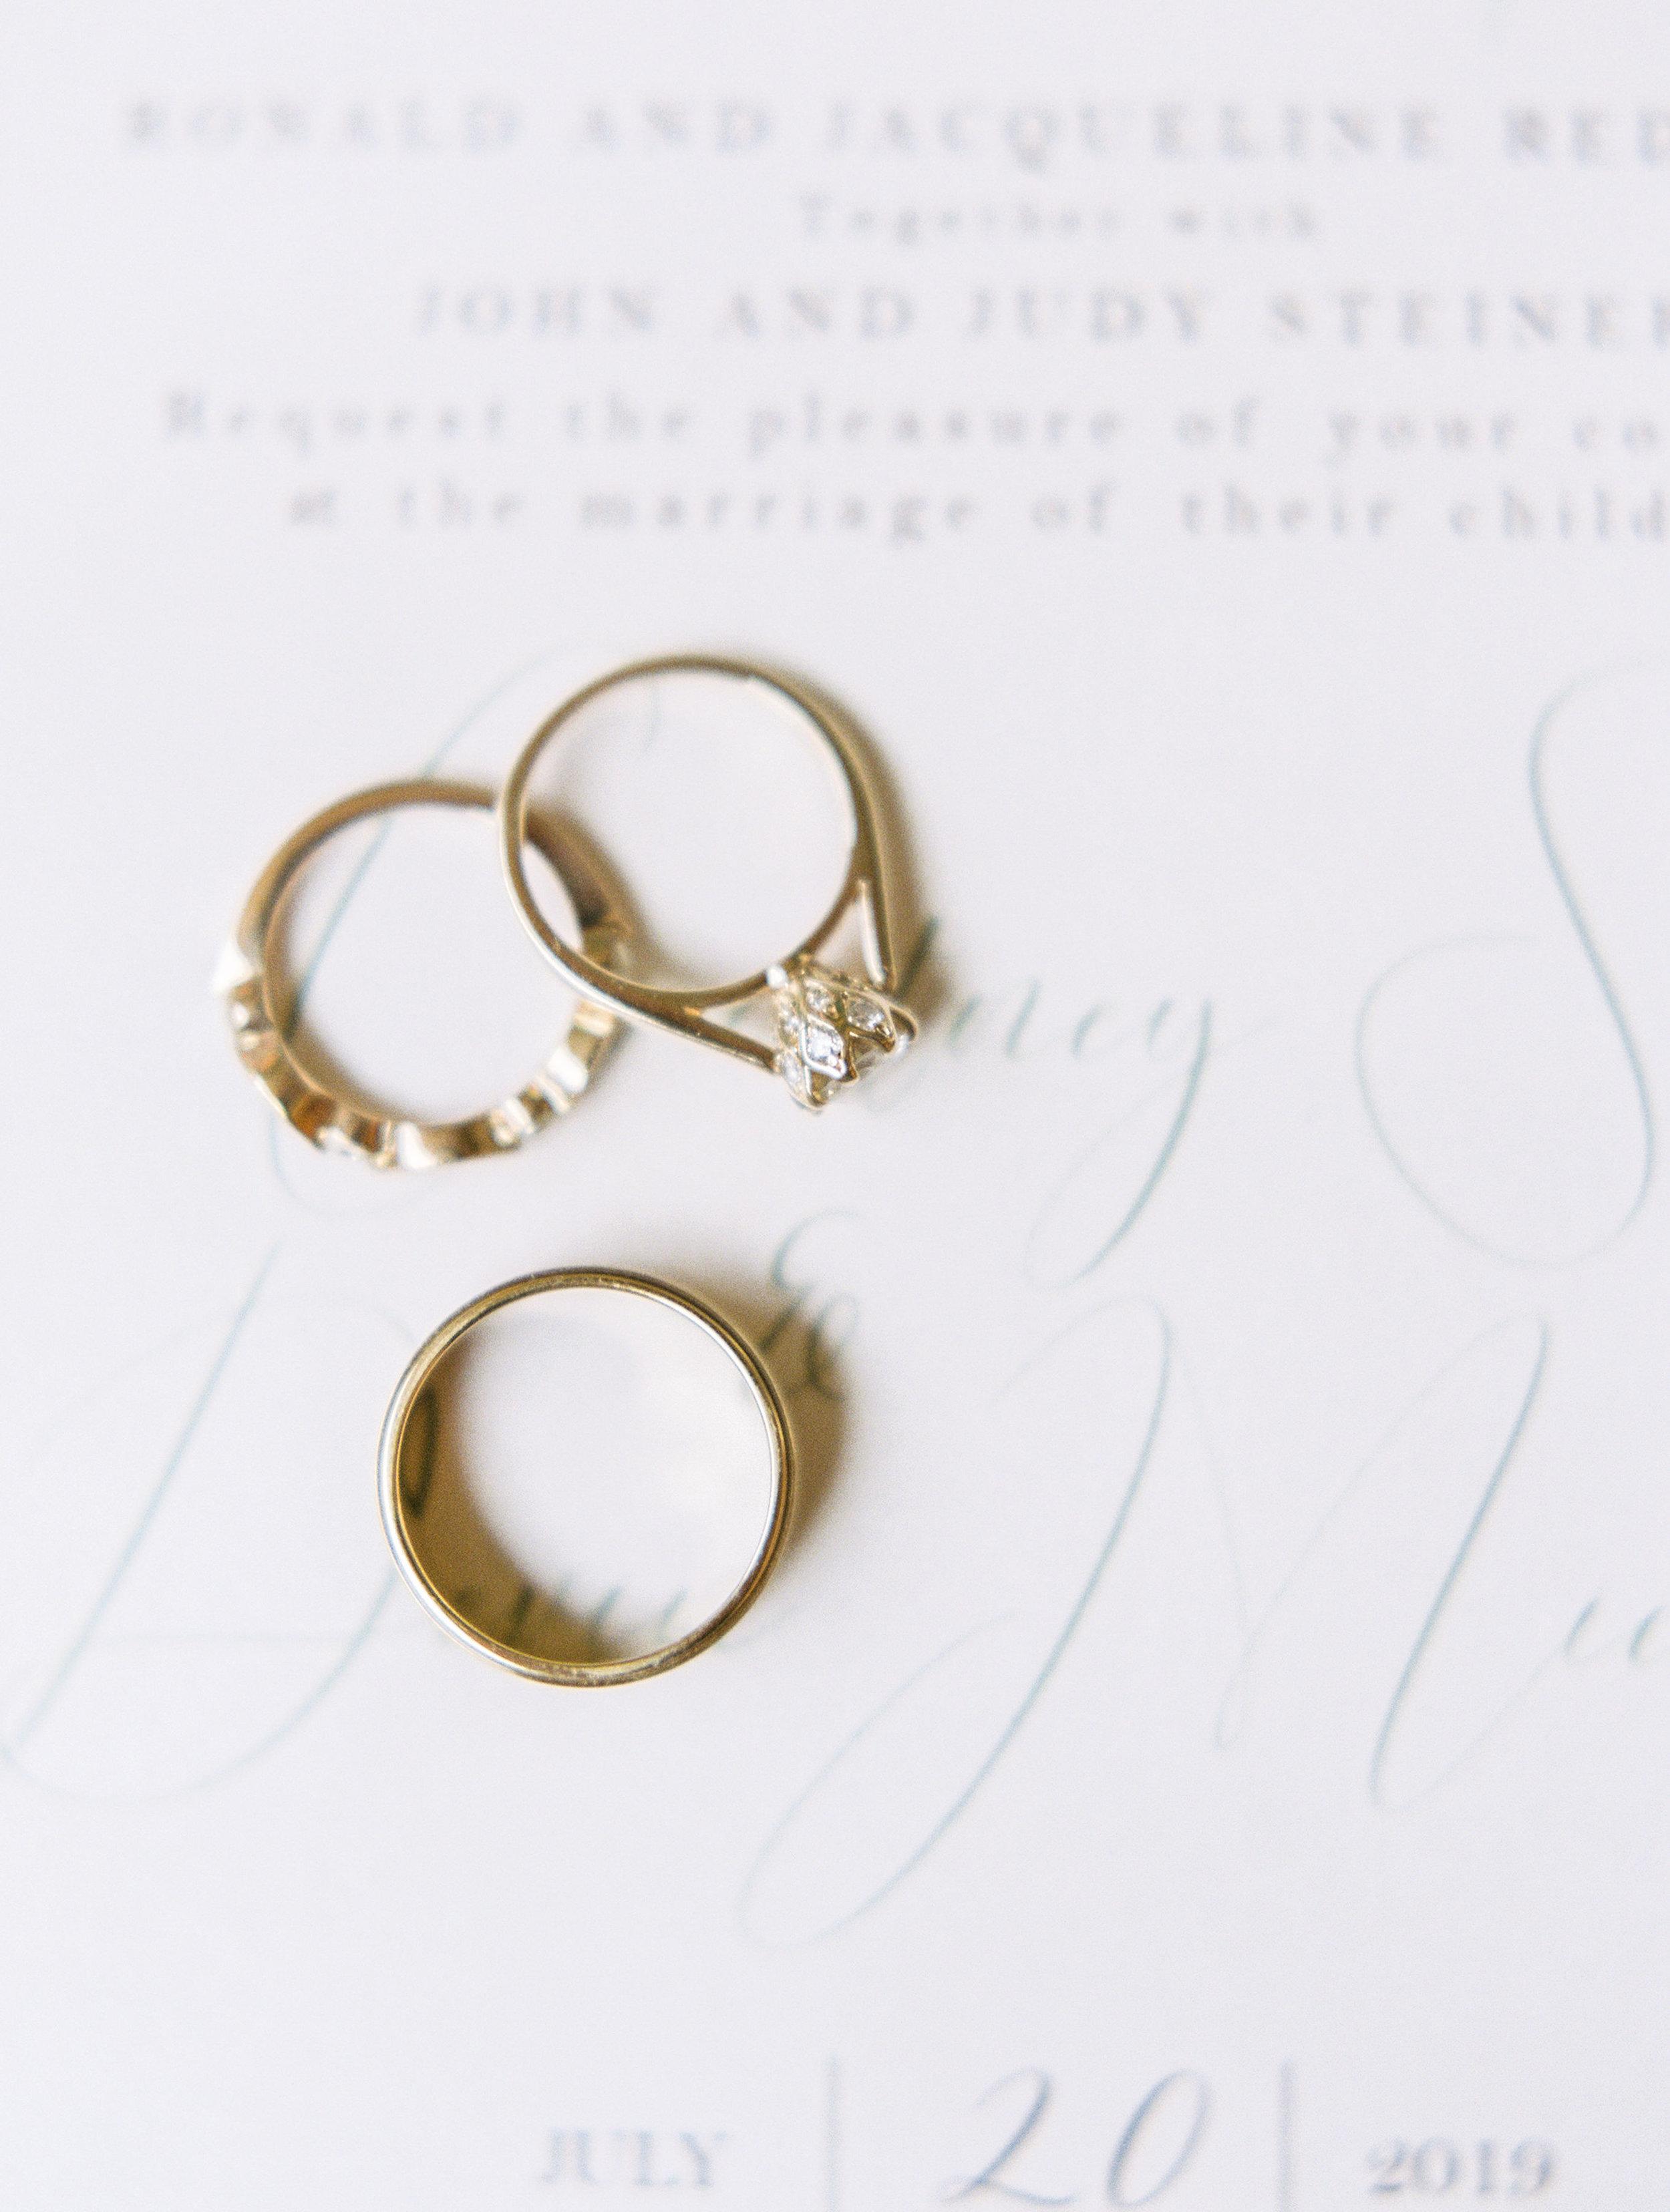 Steiner+Wedding+Details-53.jpg